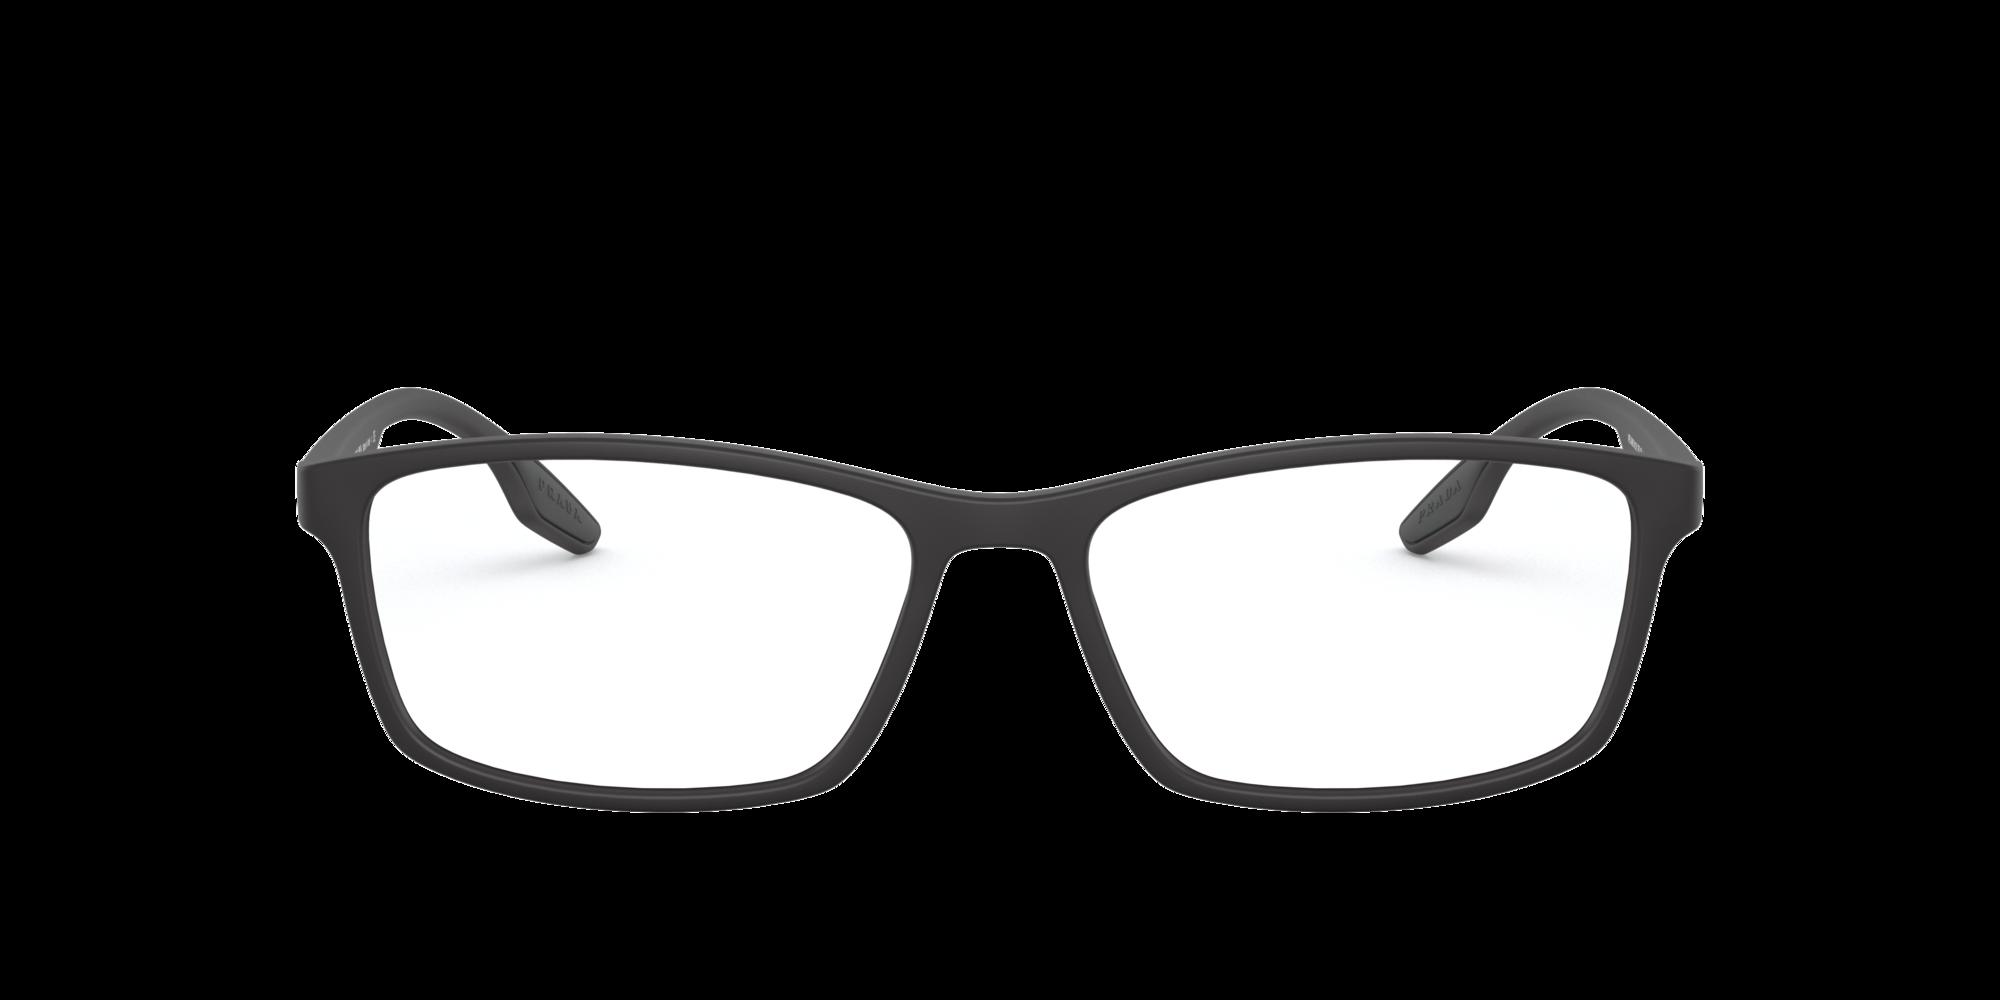 Imagen para PS 04MV de LensCrafters    Espejuelos, espejuelos graduados en línea, gafas